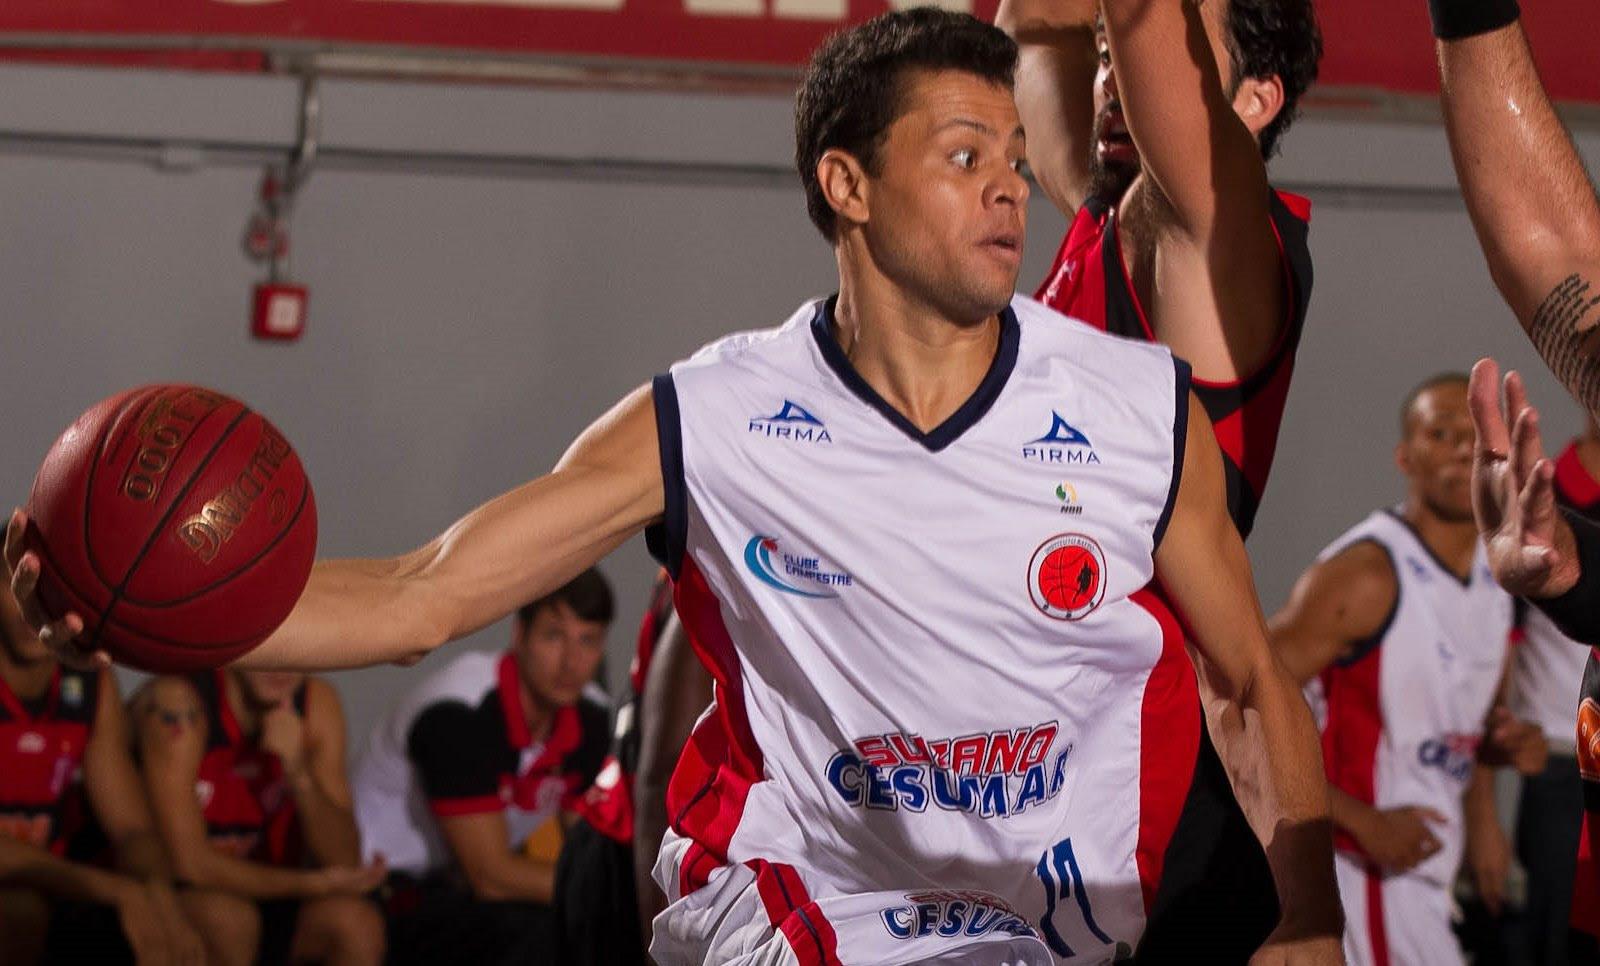 Paulo Nery disputou a última temporada do NBB pela equipe do Suzano (João Pires/LNB)